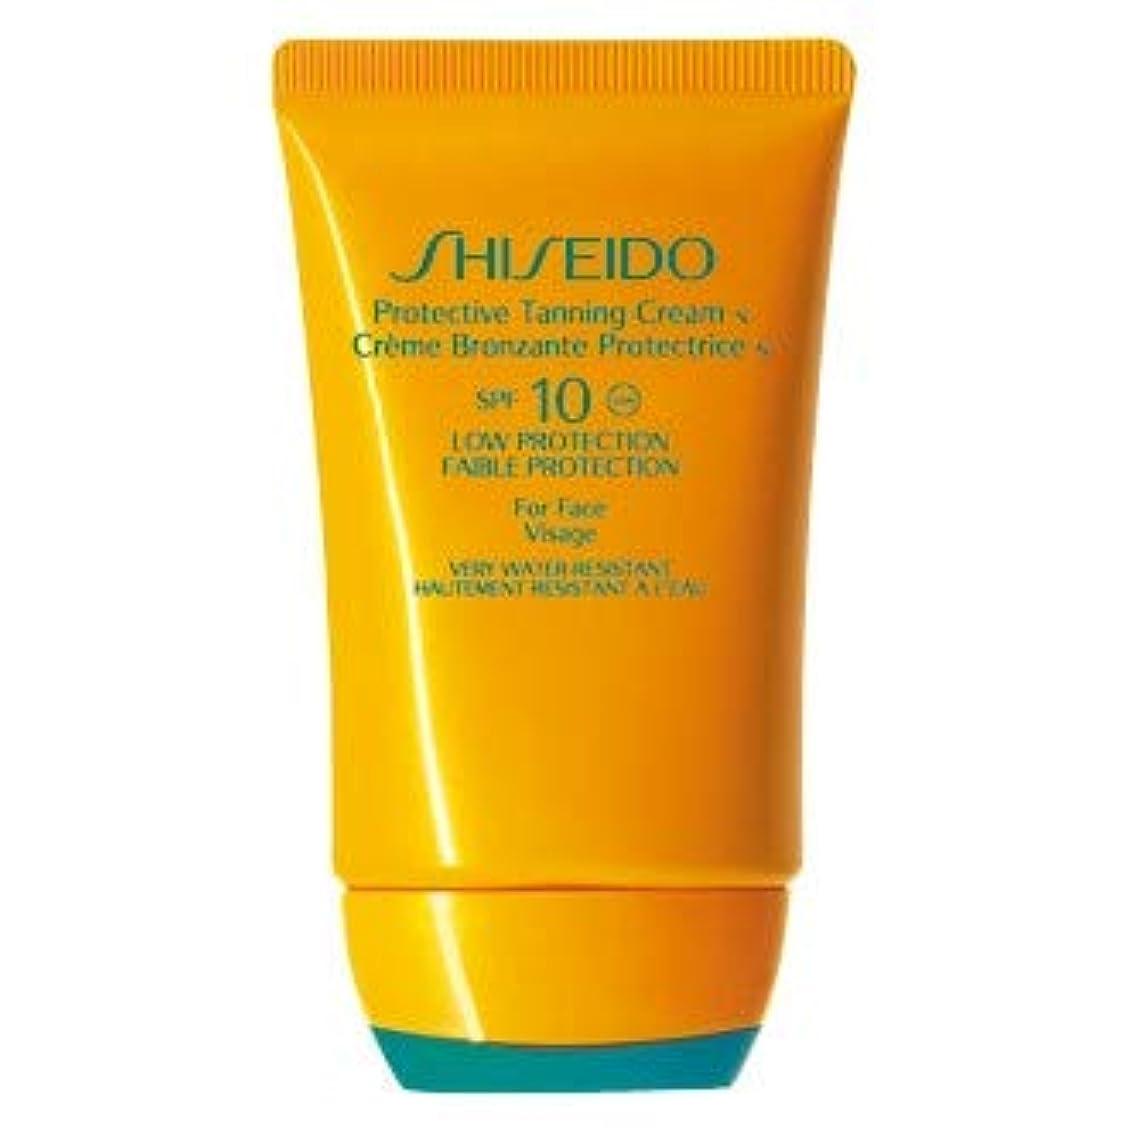 鷲階下放つ[Shiseido] 資生堂保護日焼けクリームN Spf 10 50ミリリットル - Shiseido Protective Tanning Cream N Spf 10 50ml [並行輸入品]